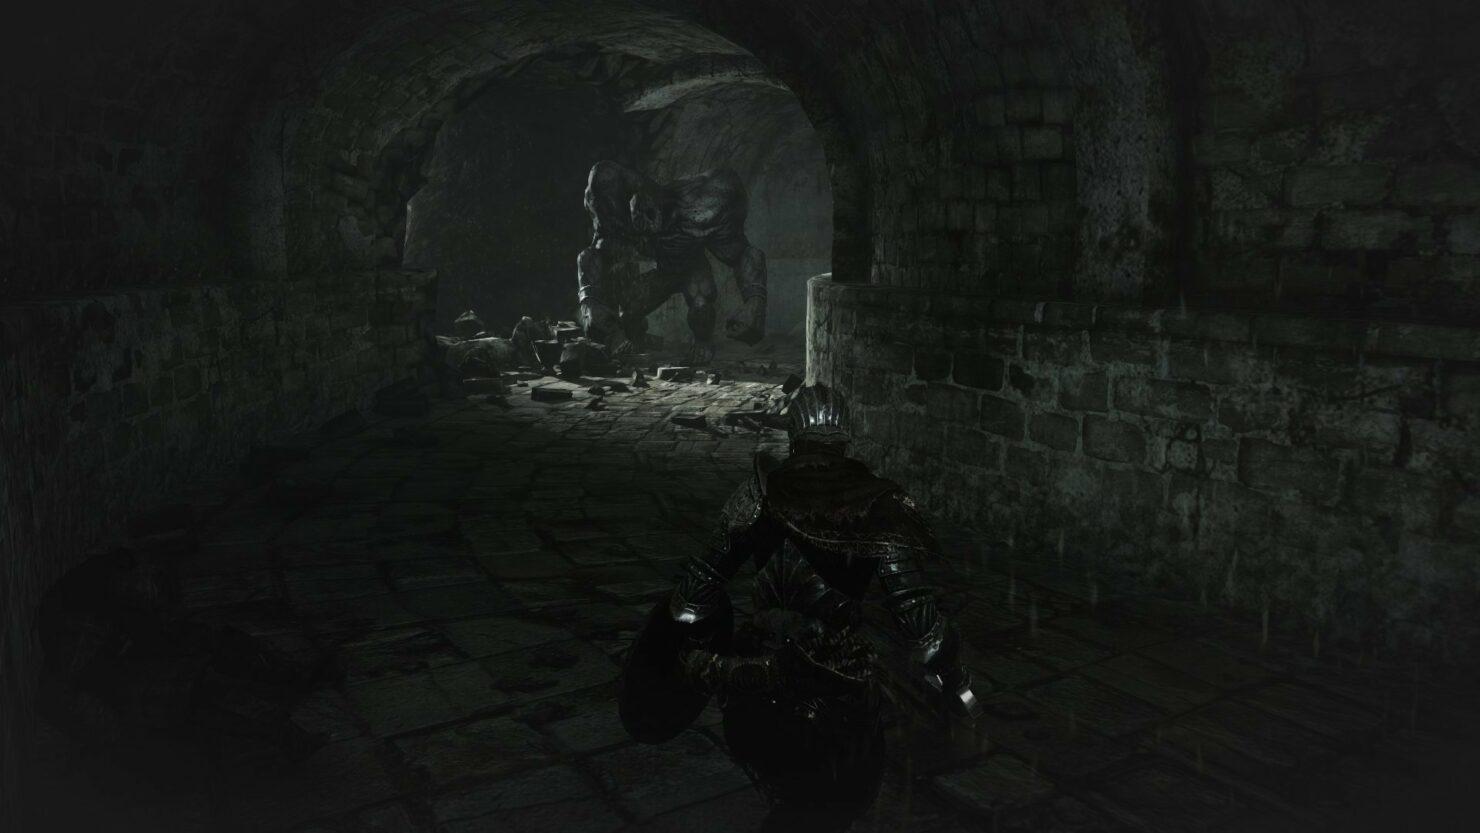 anyconv-com__dark-souls-2-graphics-lighting-mod-flames-of-old-3